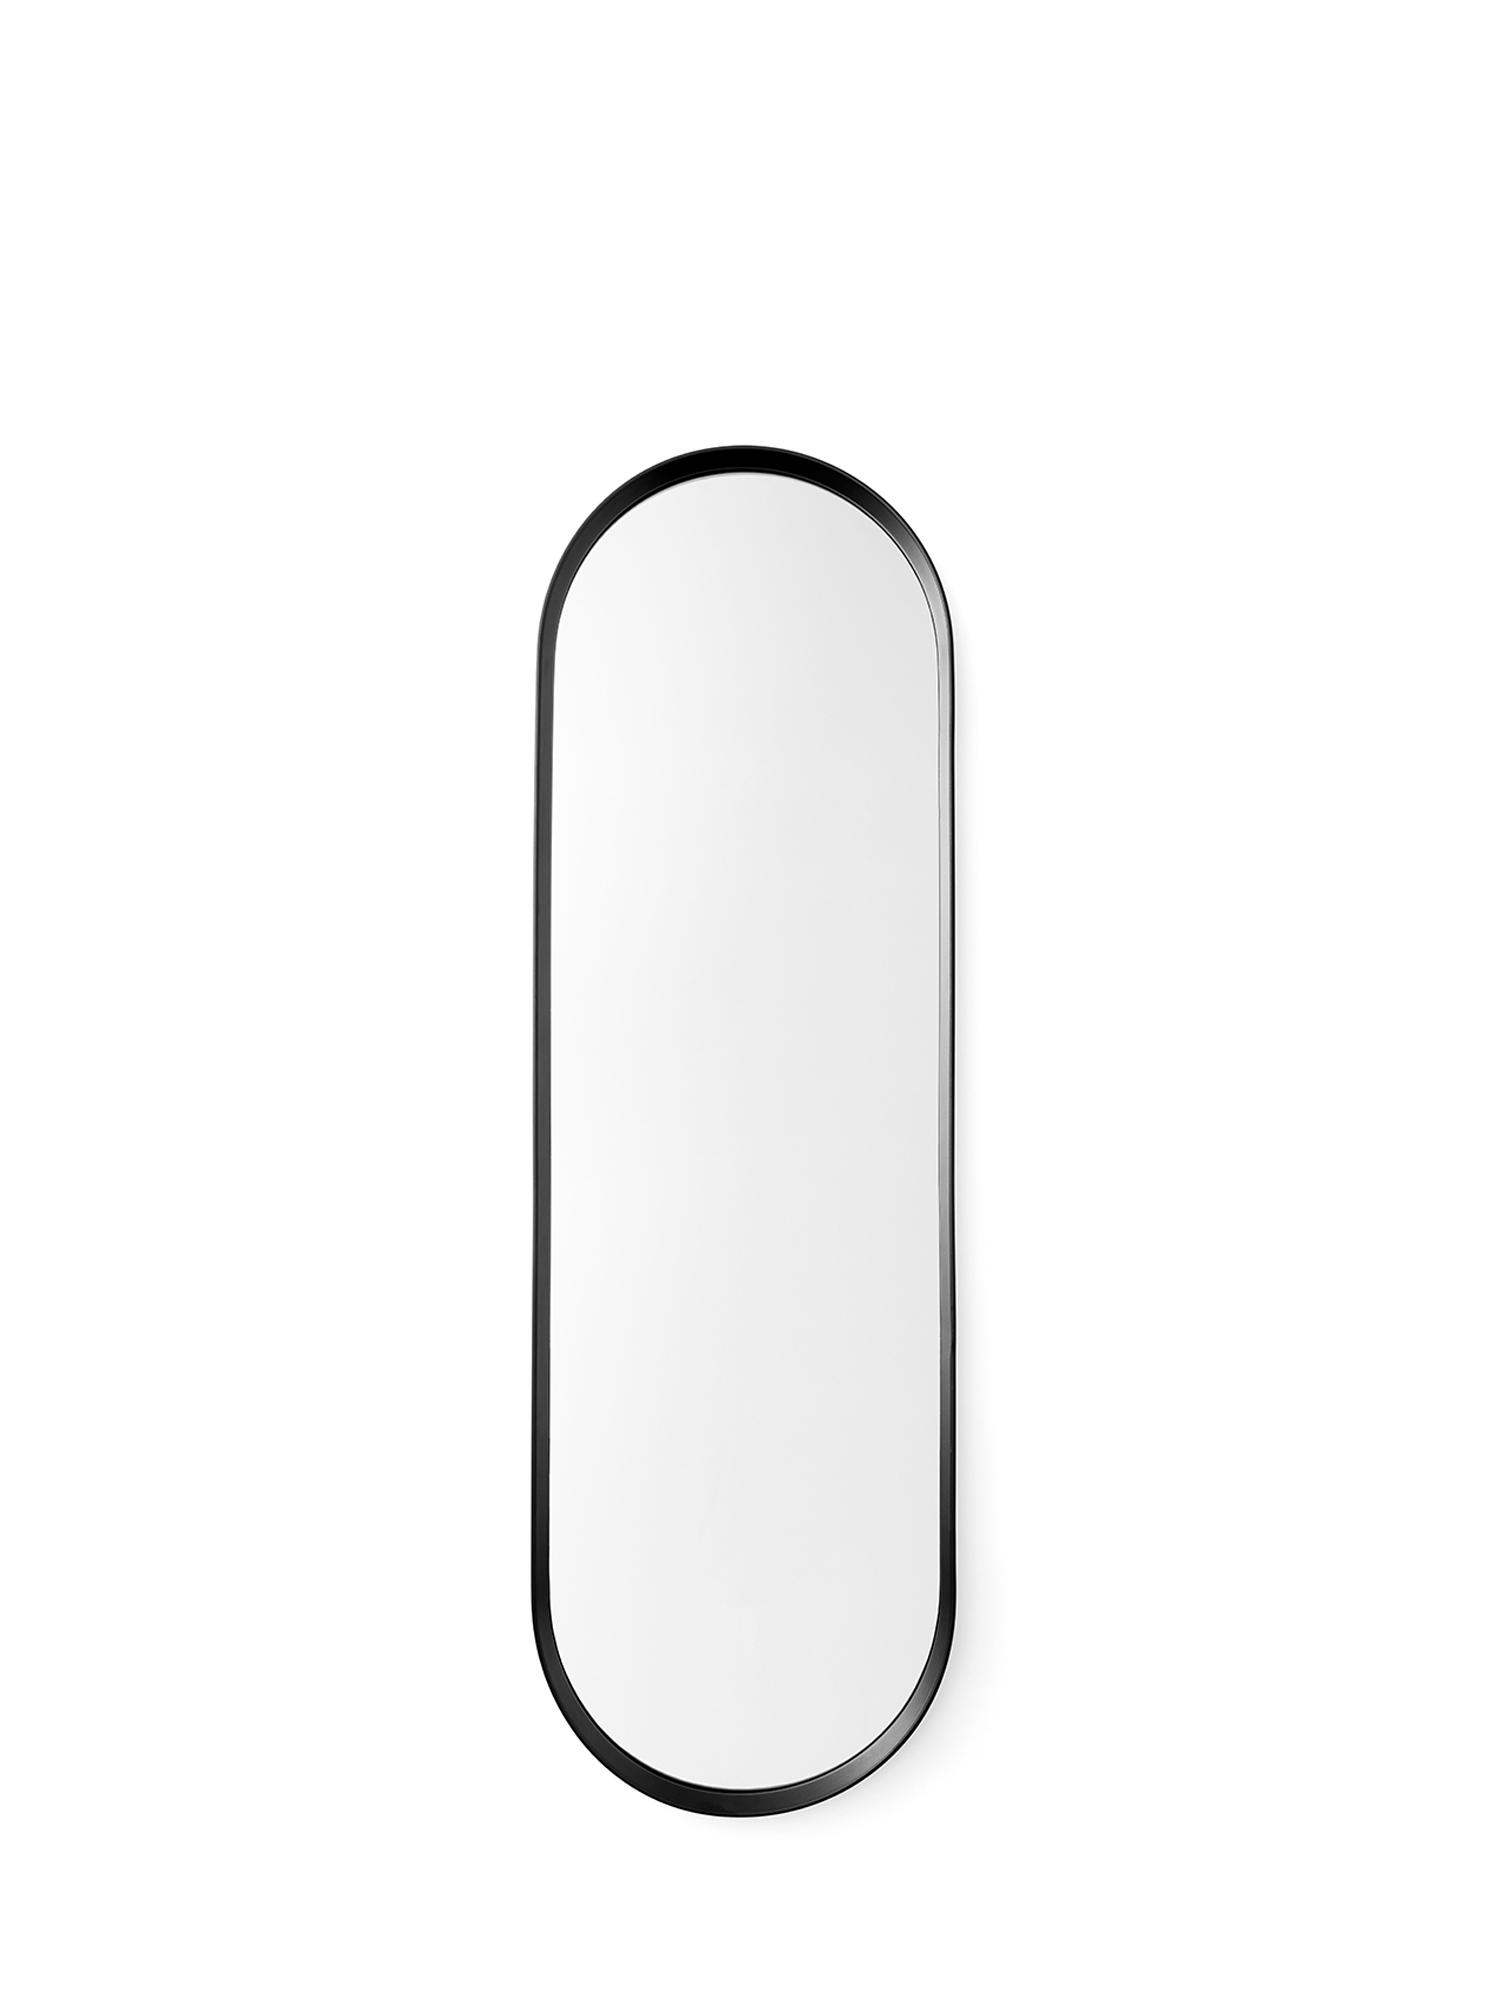 Menu Väggspegel Norm oval 40x130cm svart